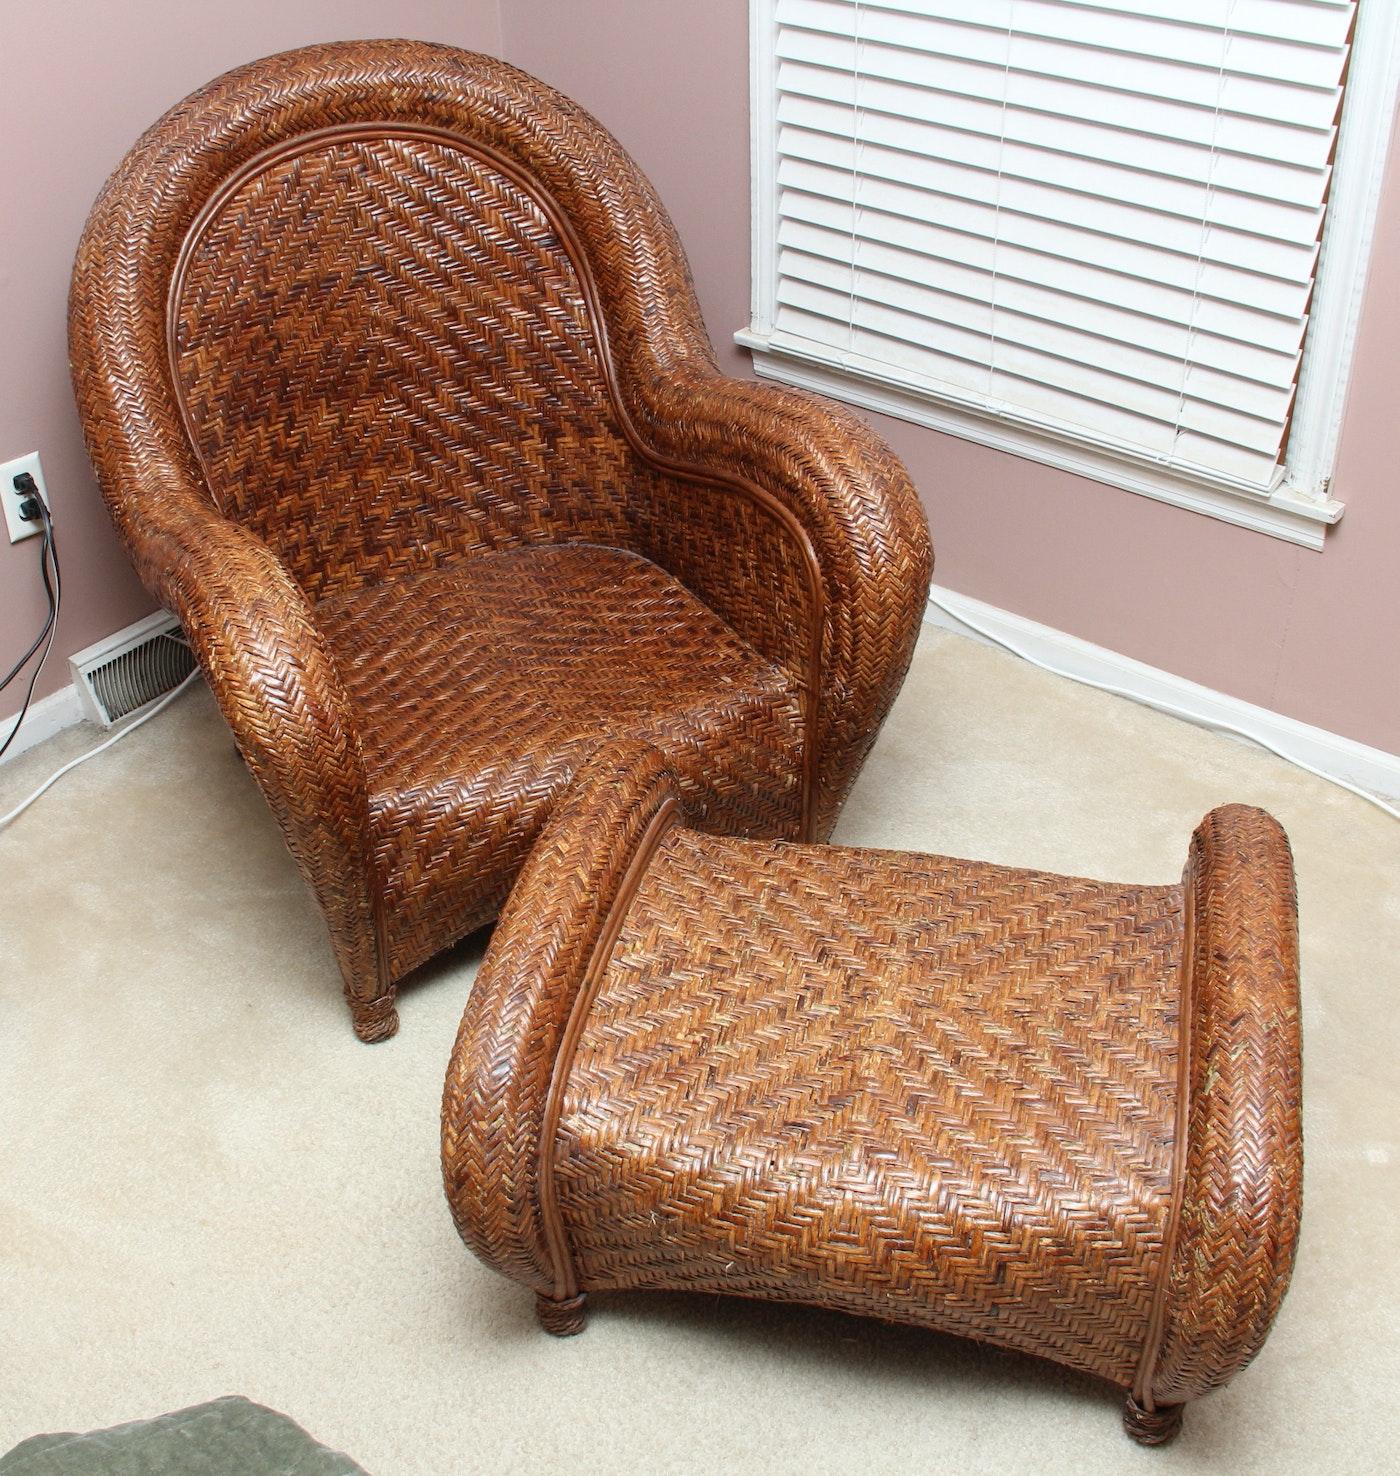 Pottery Barn Rattan Malabar Chair And Ottoman Ebth